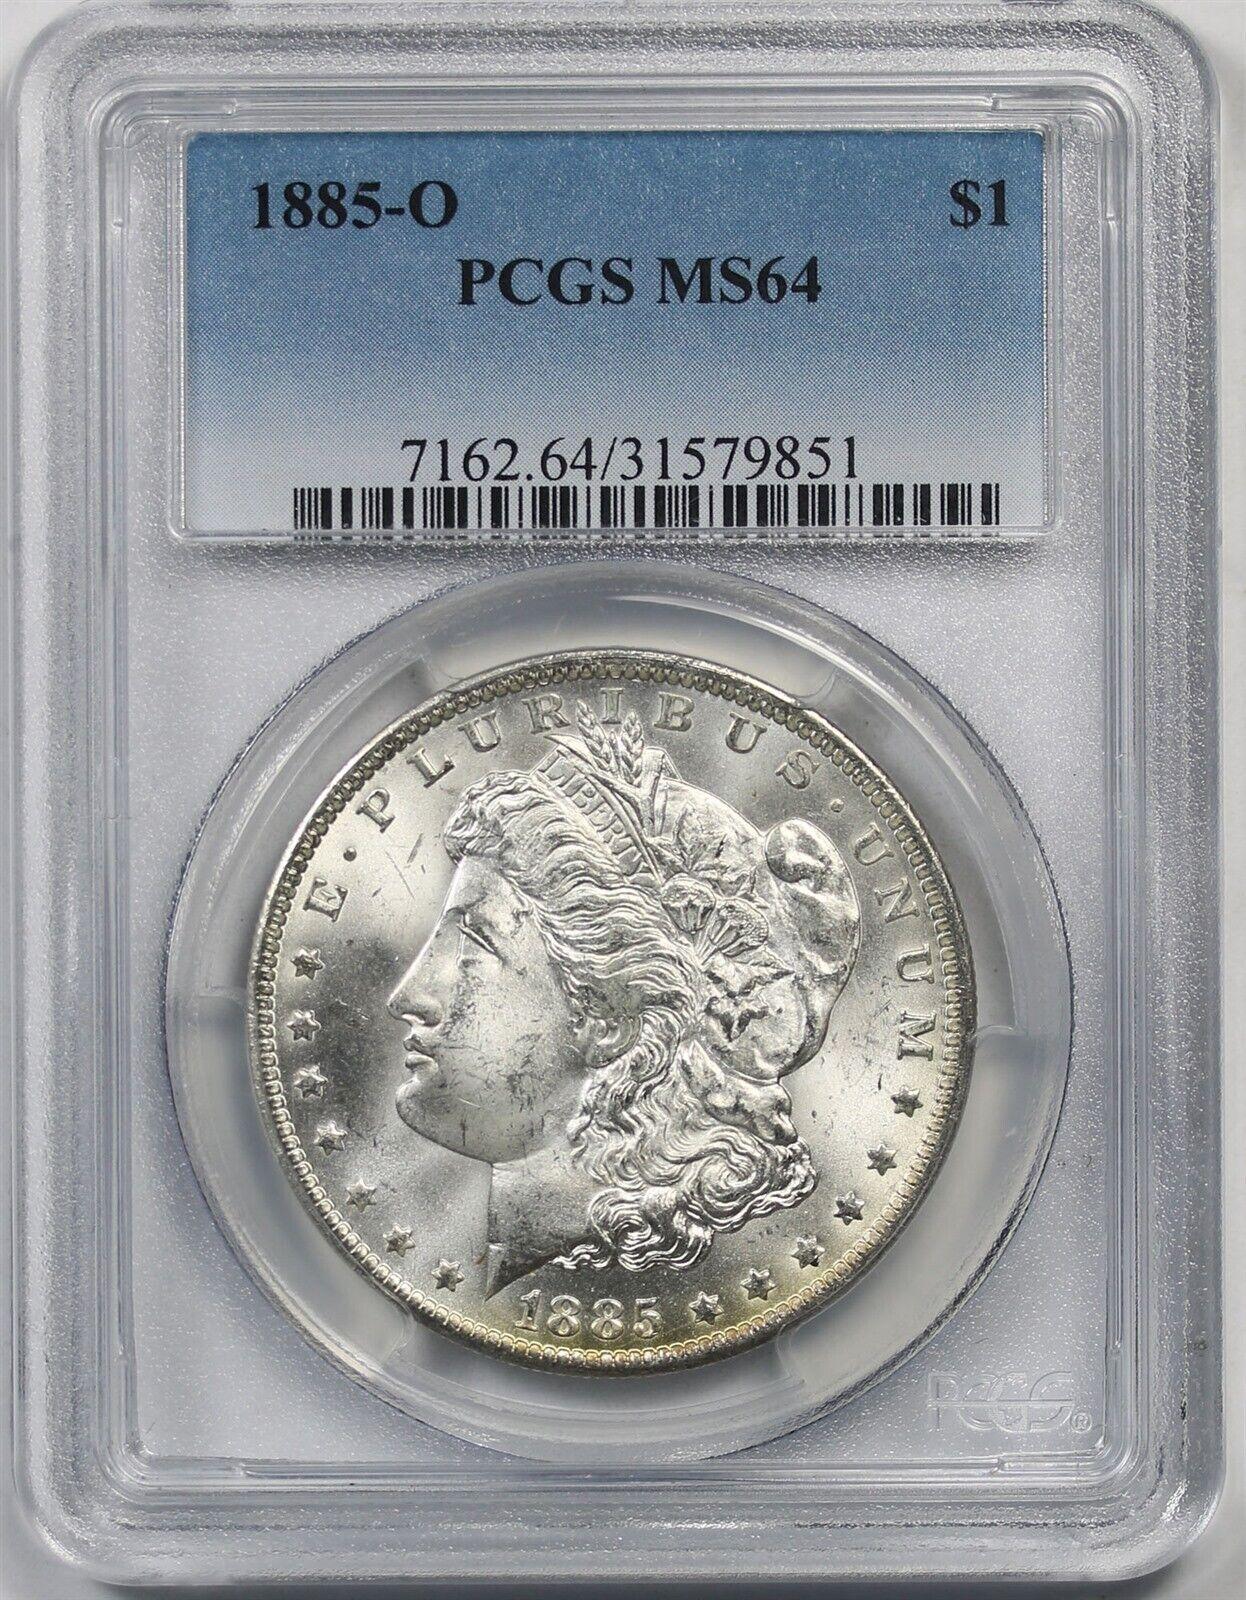 NGC MS64 1885-O US Morgan Silver Dollar $1